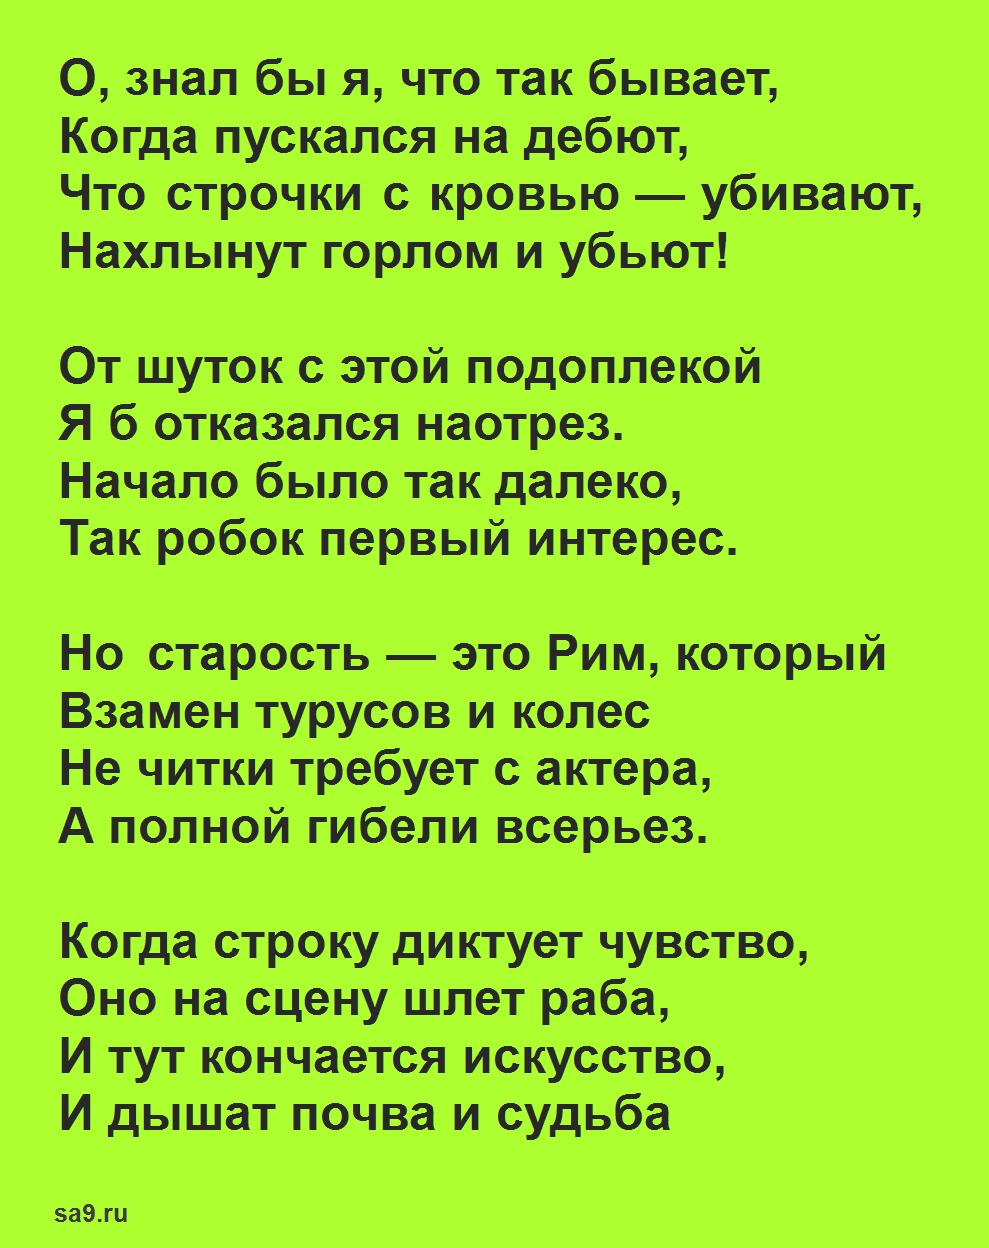 Борис Пастернак, легко учащиеся стихи - О, знал бы я, что так бывает